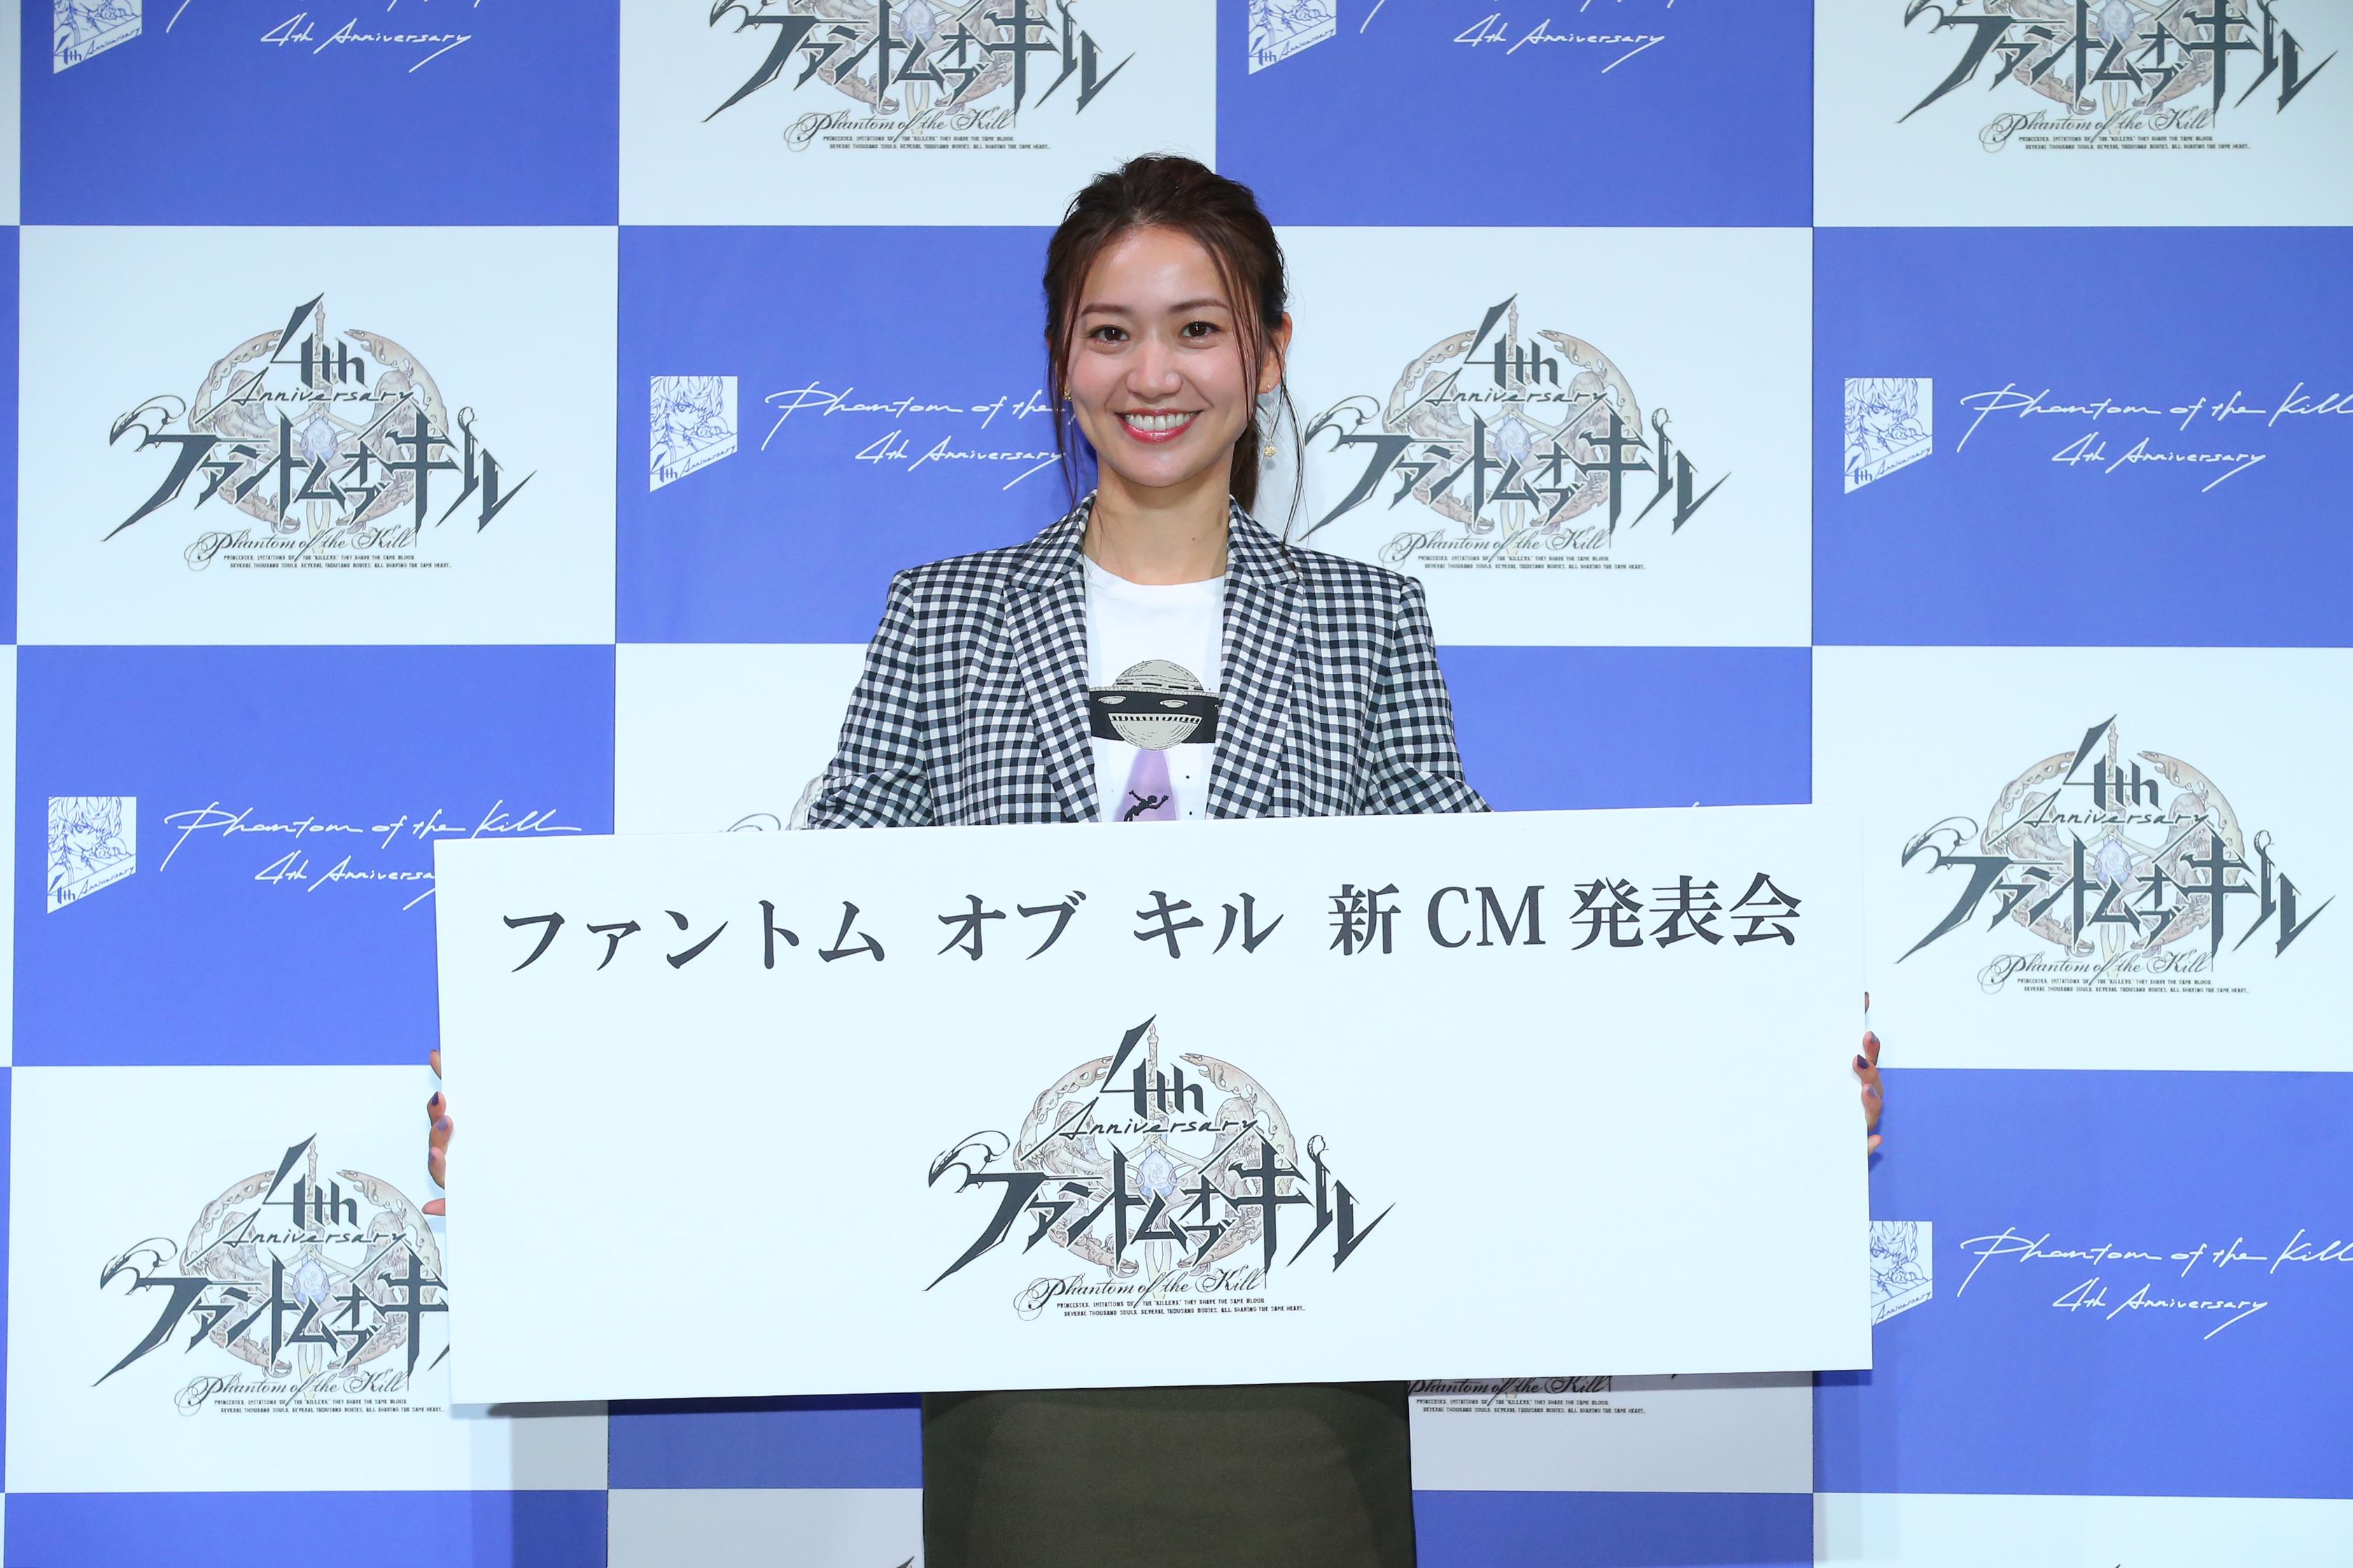 大島優子が『ファントム オブ キル』新CM発表会に登場!1年ぶりのイベントで、今後の意気込みを語る